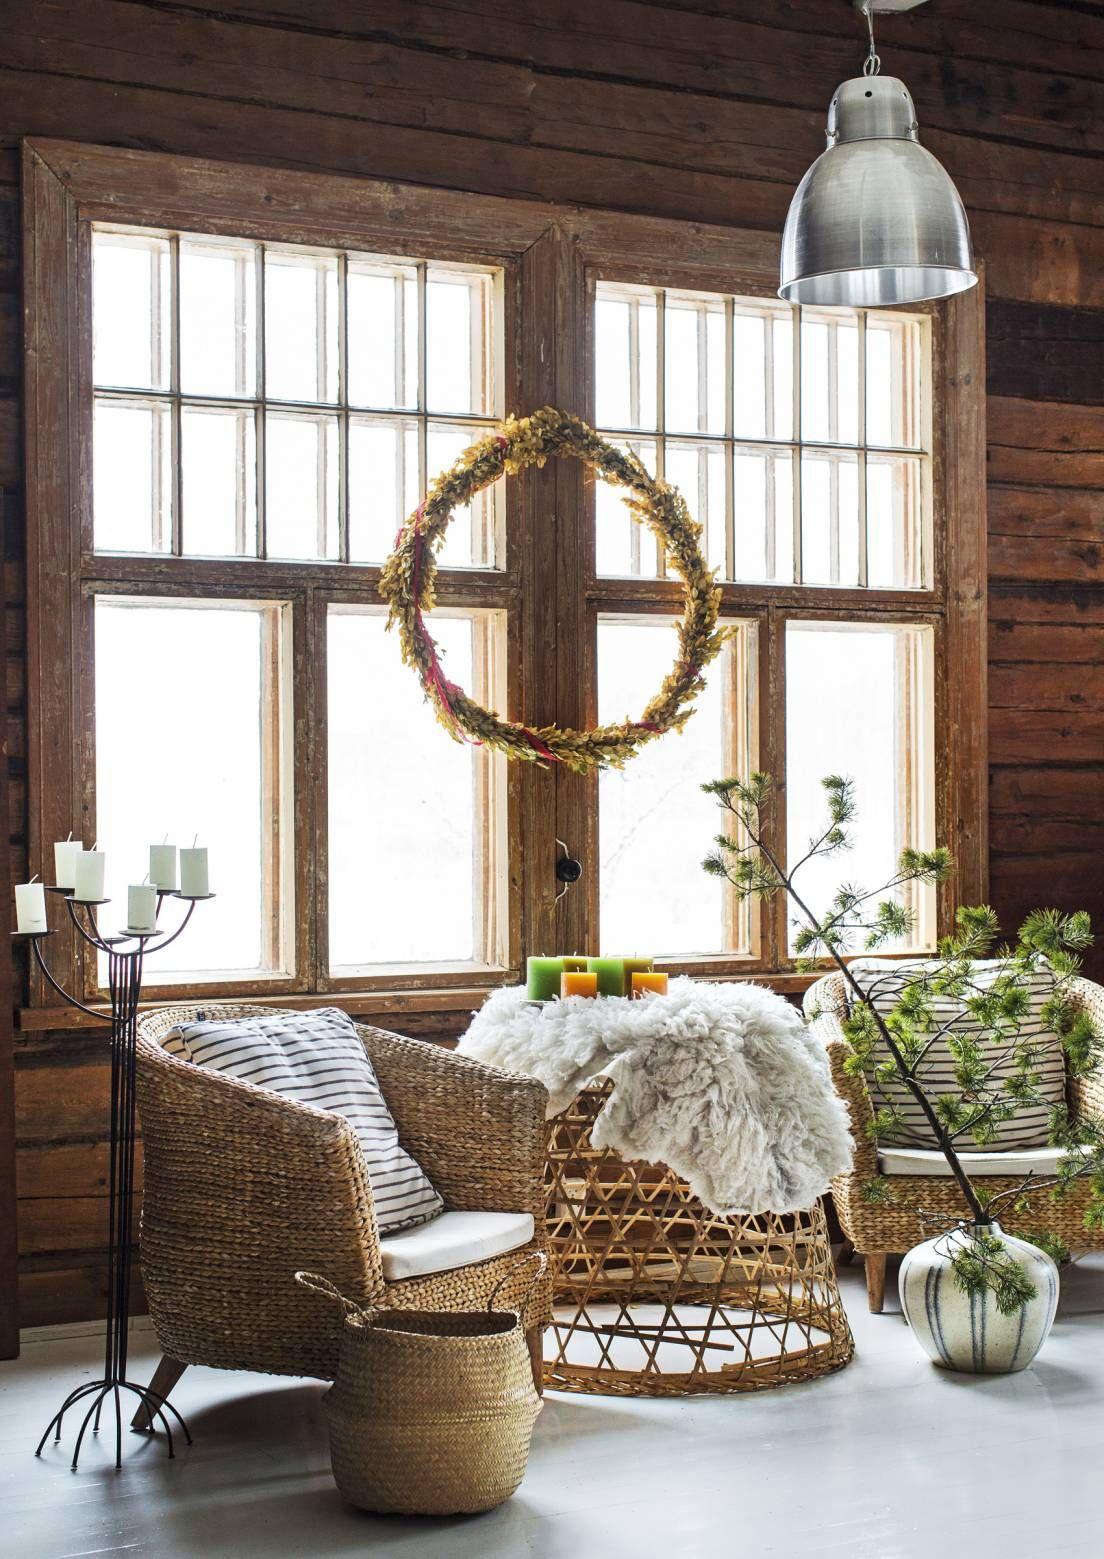 Ihanat ikkunakoristeet ilahduttavat sekä kodin asukkaita että ohikulkijoita. Katso Unelmien Talo&Kodin ideat siihen, mitä kaikkea ikkunaan voi ripustaa.